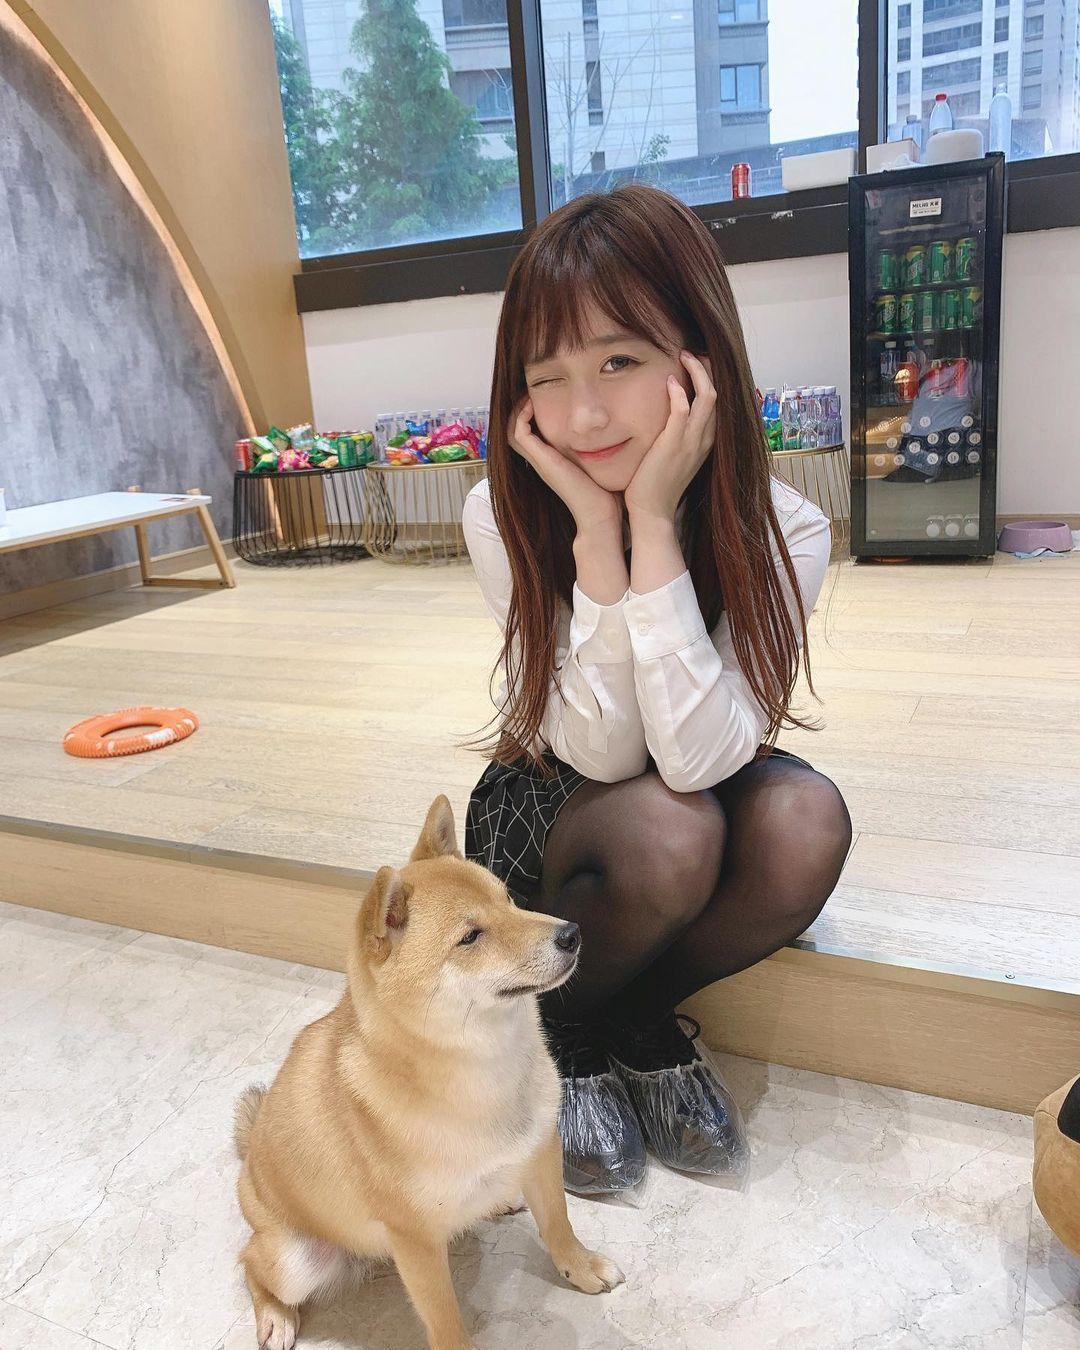 清纯可爱又性感的马尾萌妹Yami微微一笑让人恋爱 养眼图片 第5张